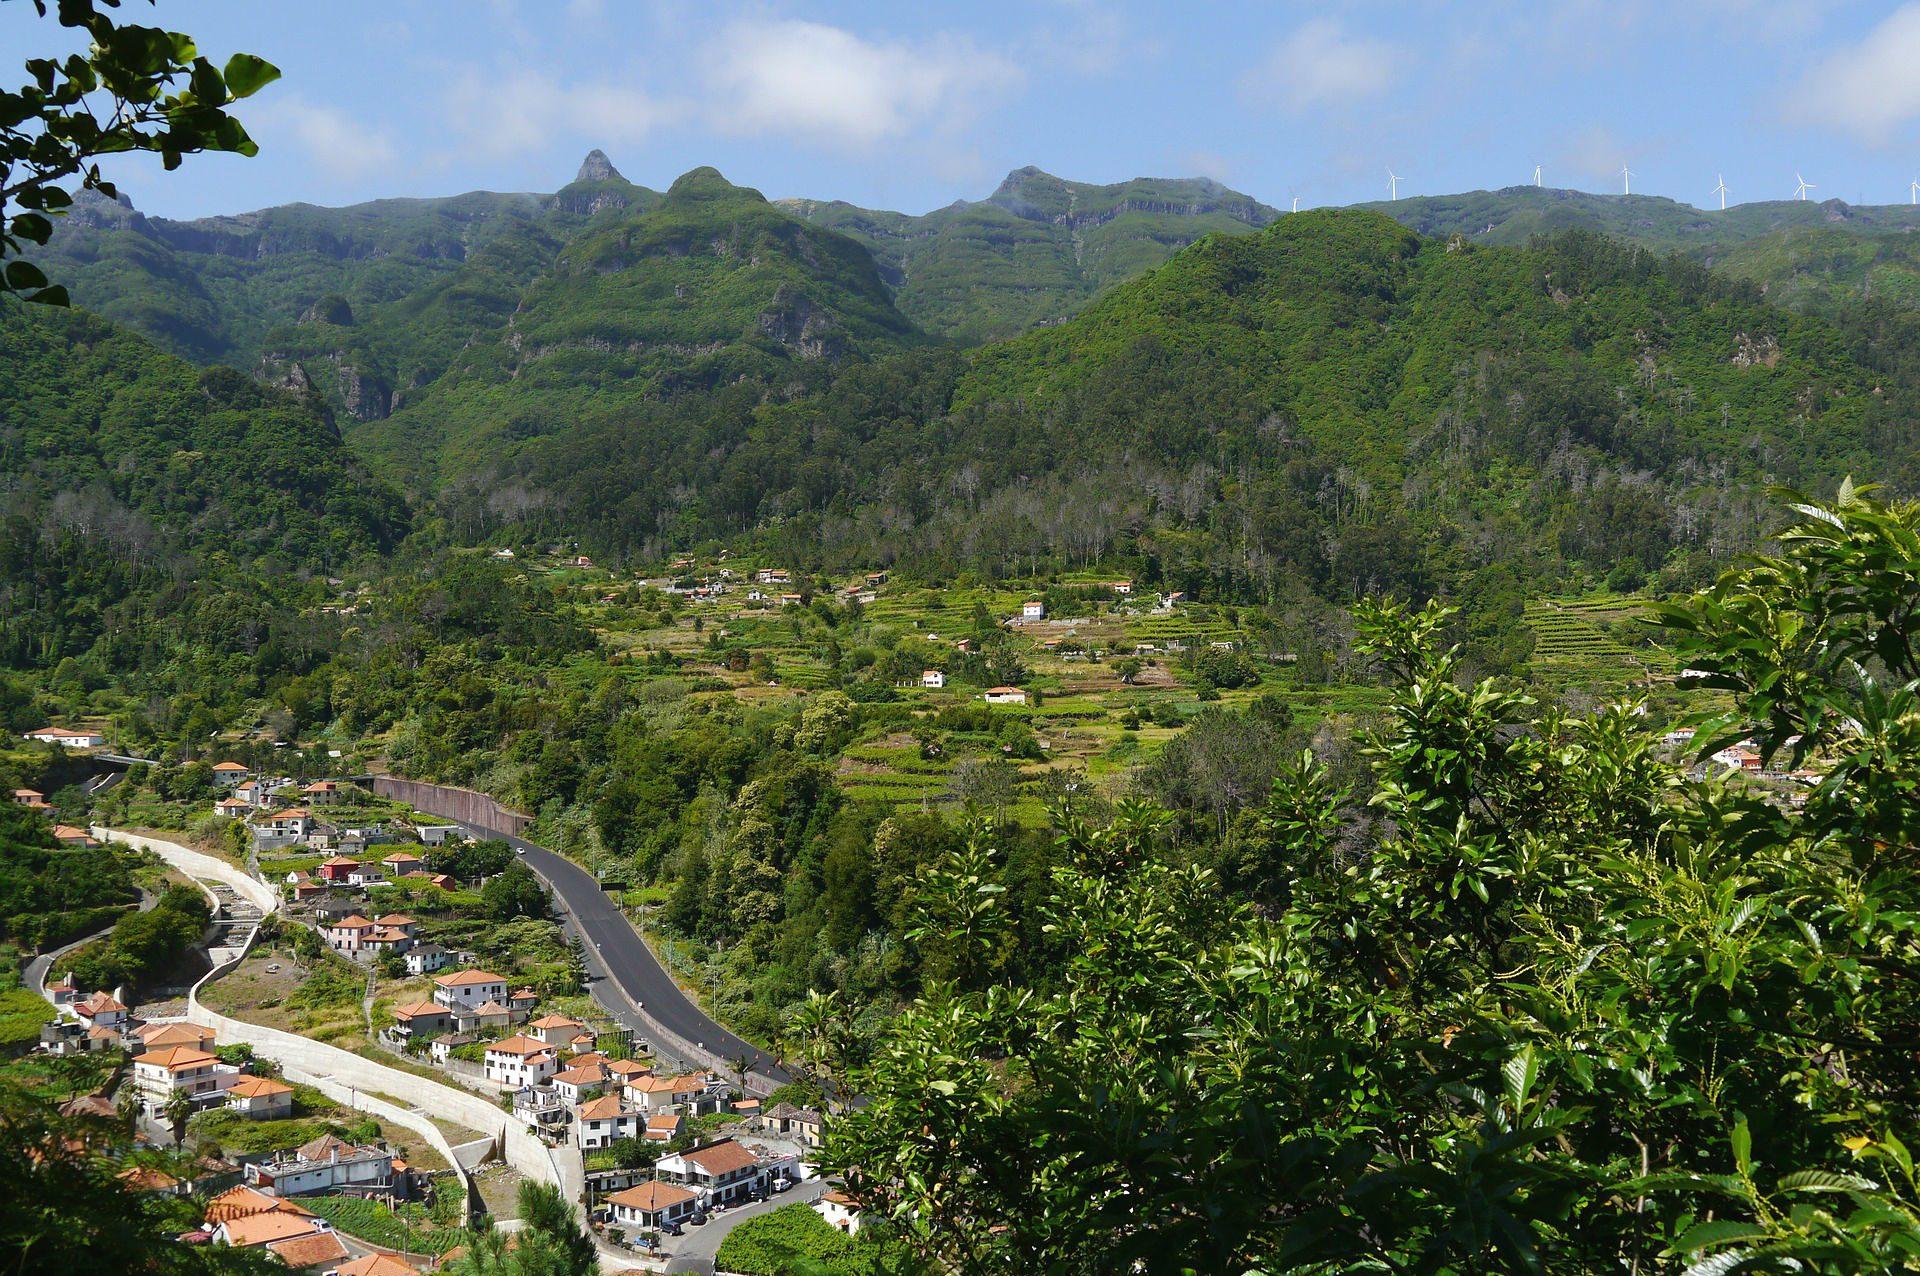 Madeiras grüne Landschaft